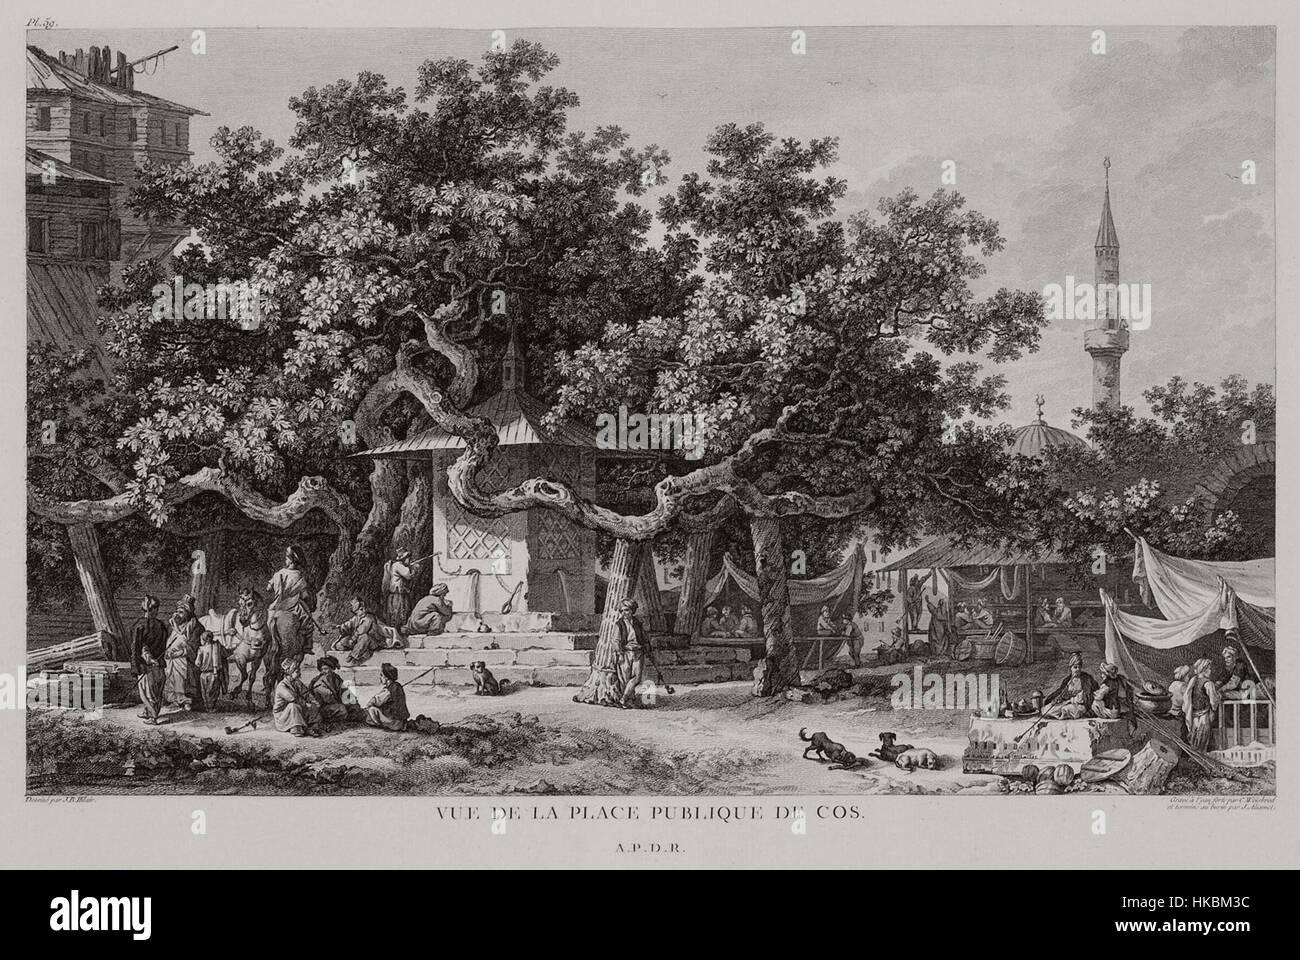 Vue de la place publique de Cos   Choiseul gouffier Gabriel Florent Auguste De   1782 - Stock Image